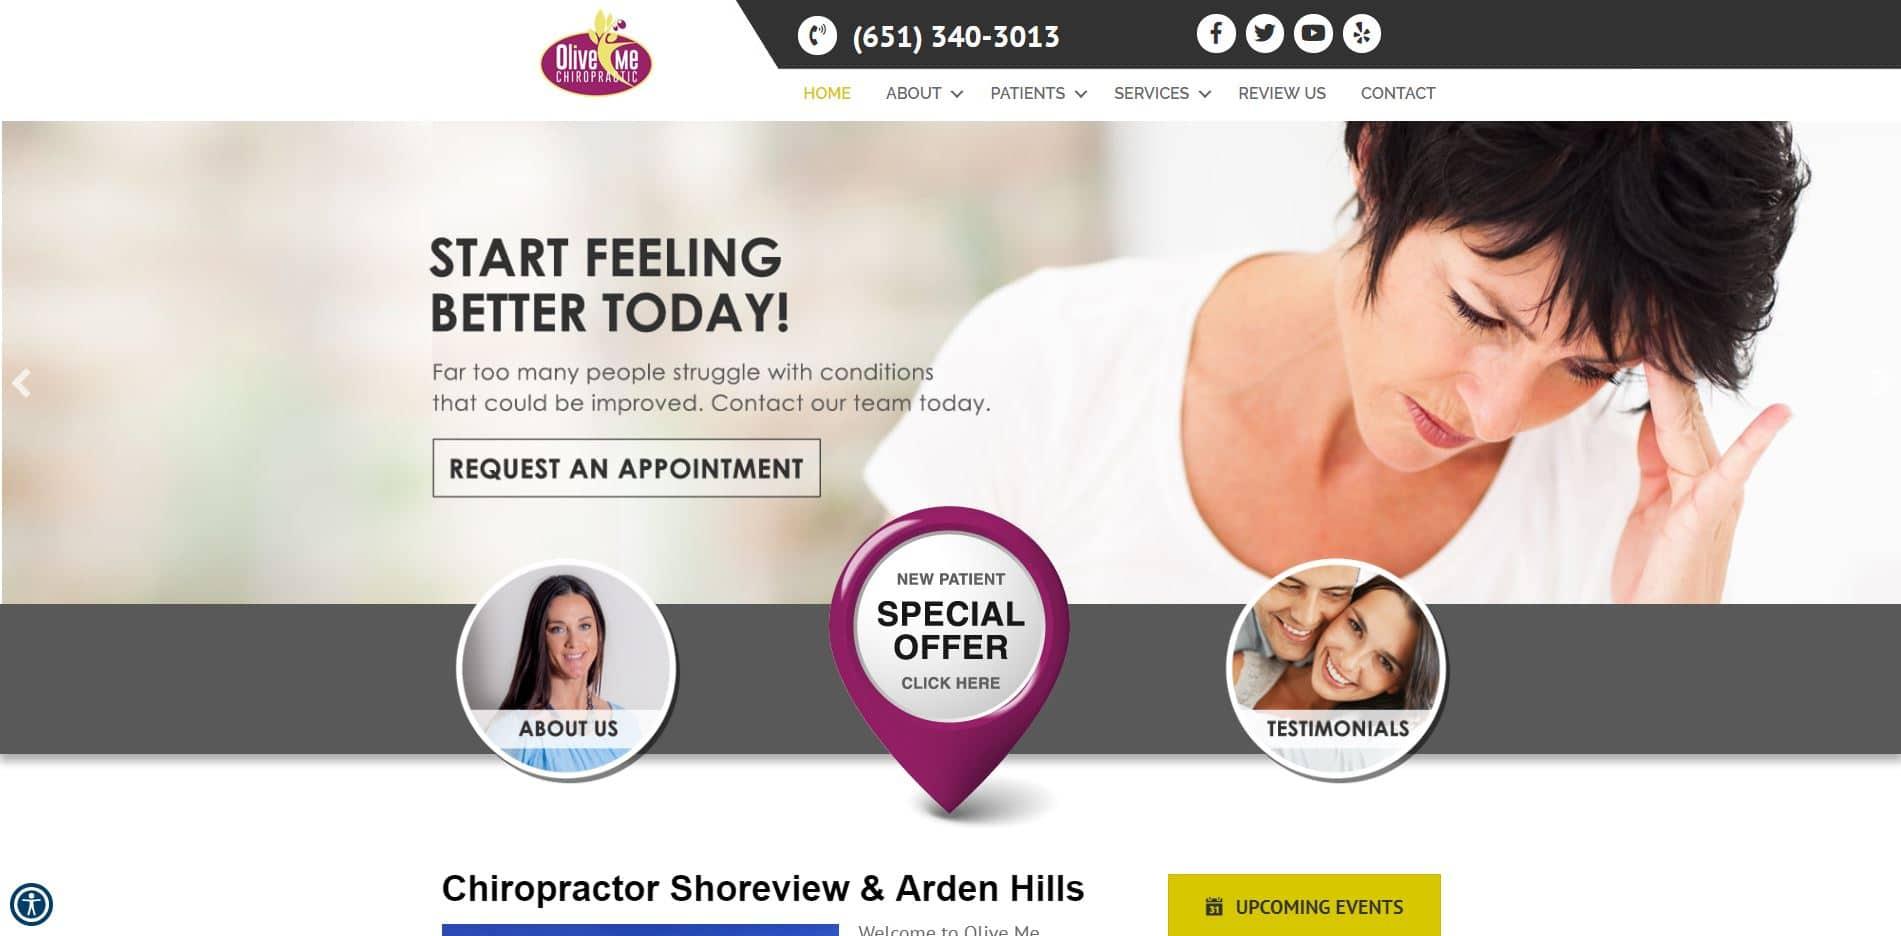 Chiropractor in Arden Hills